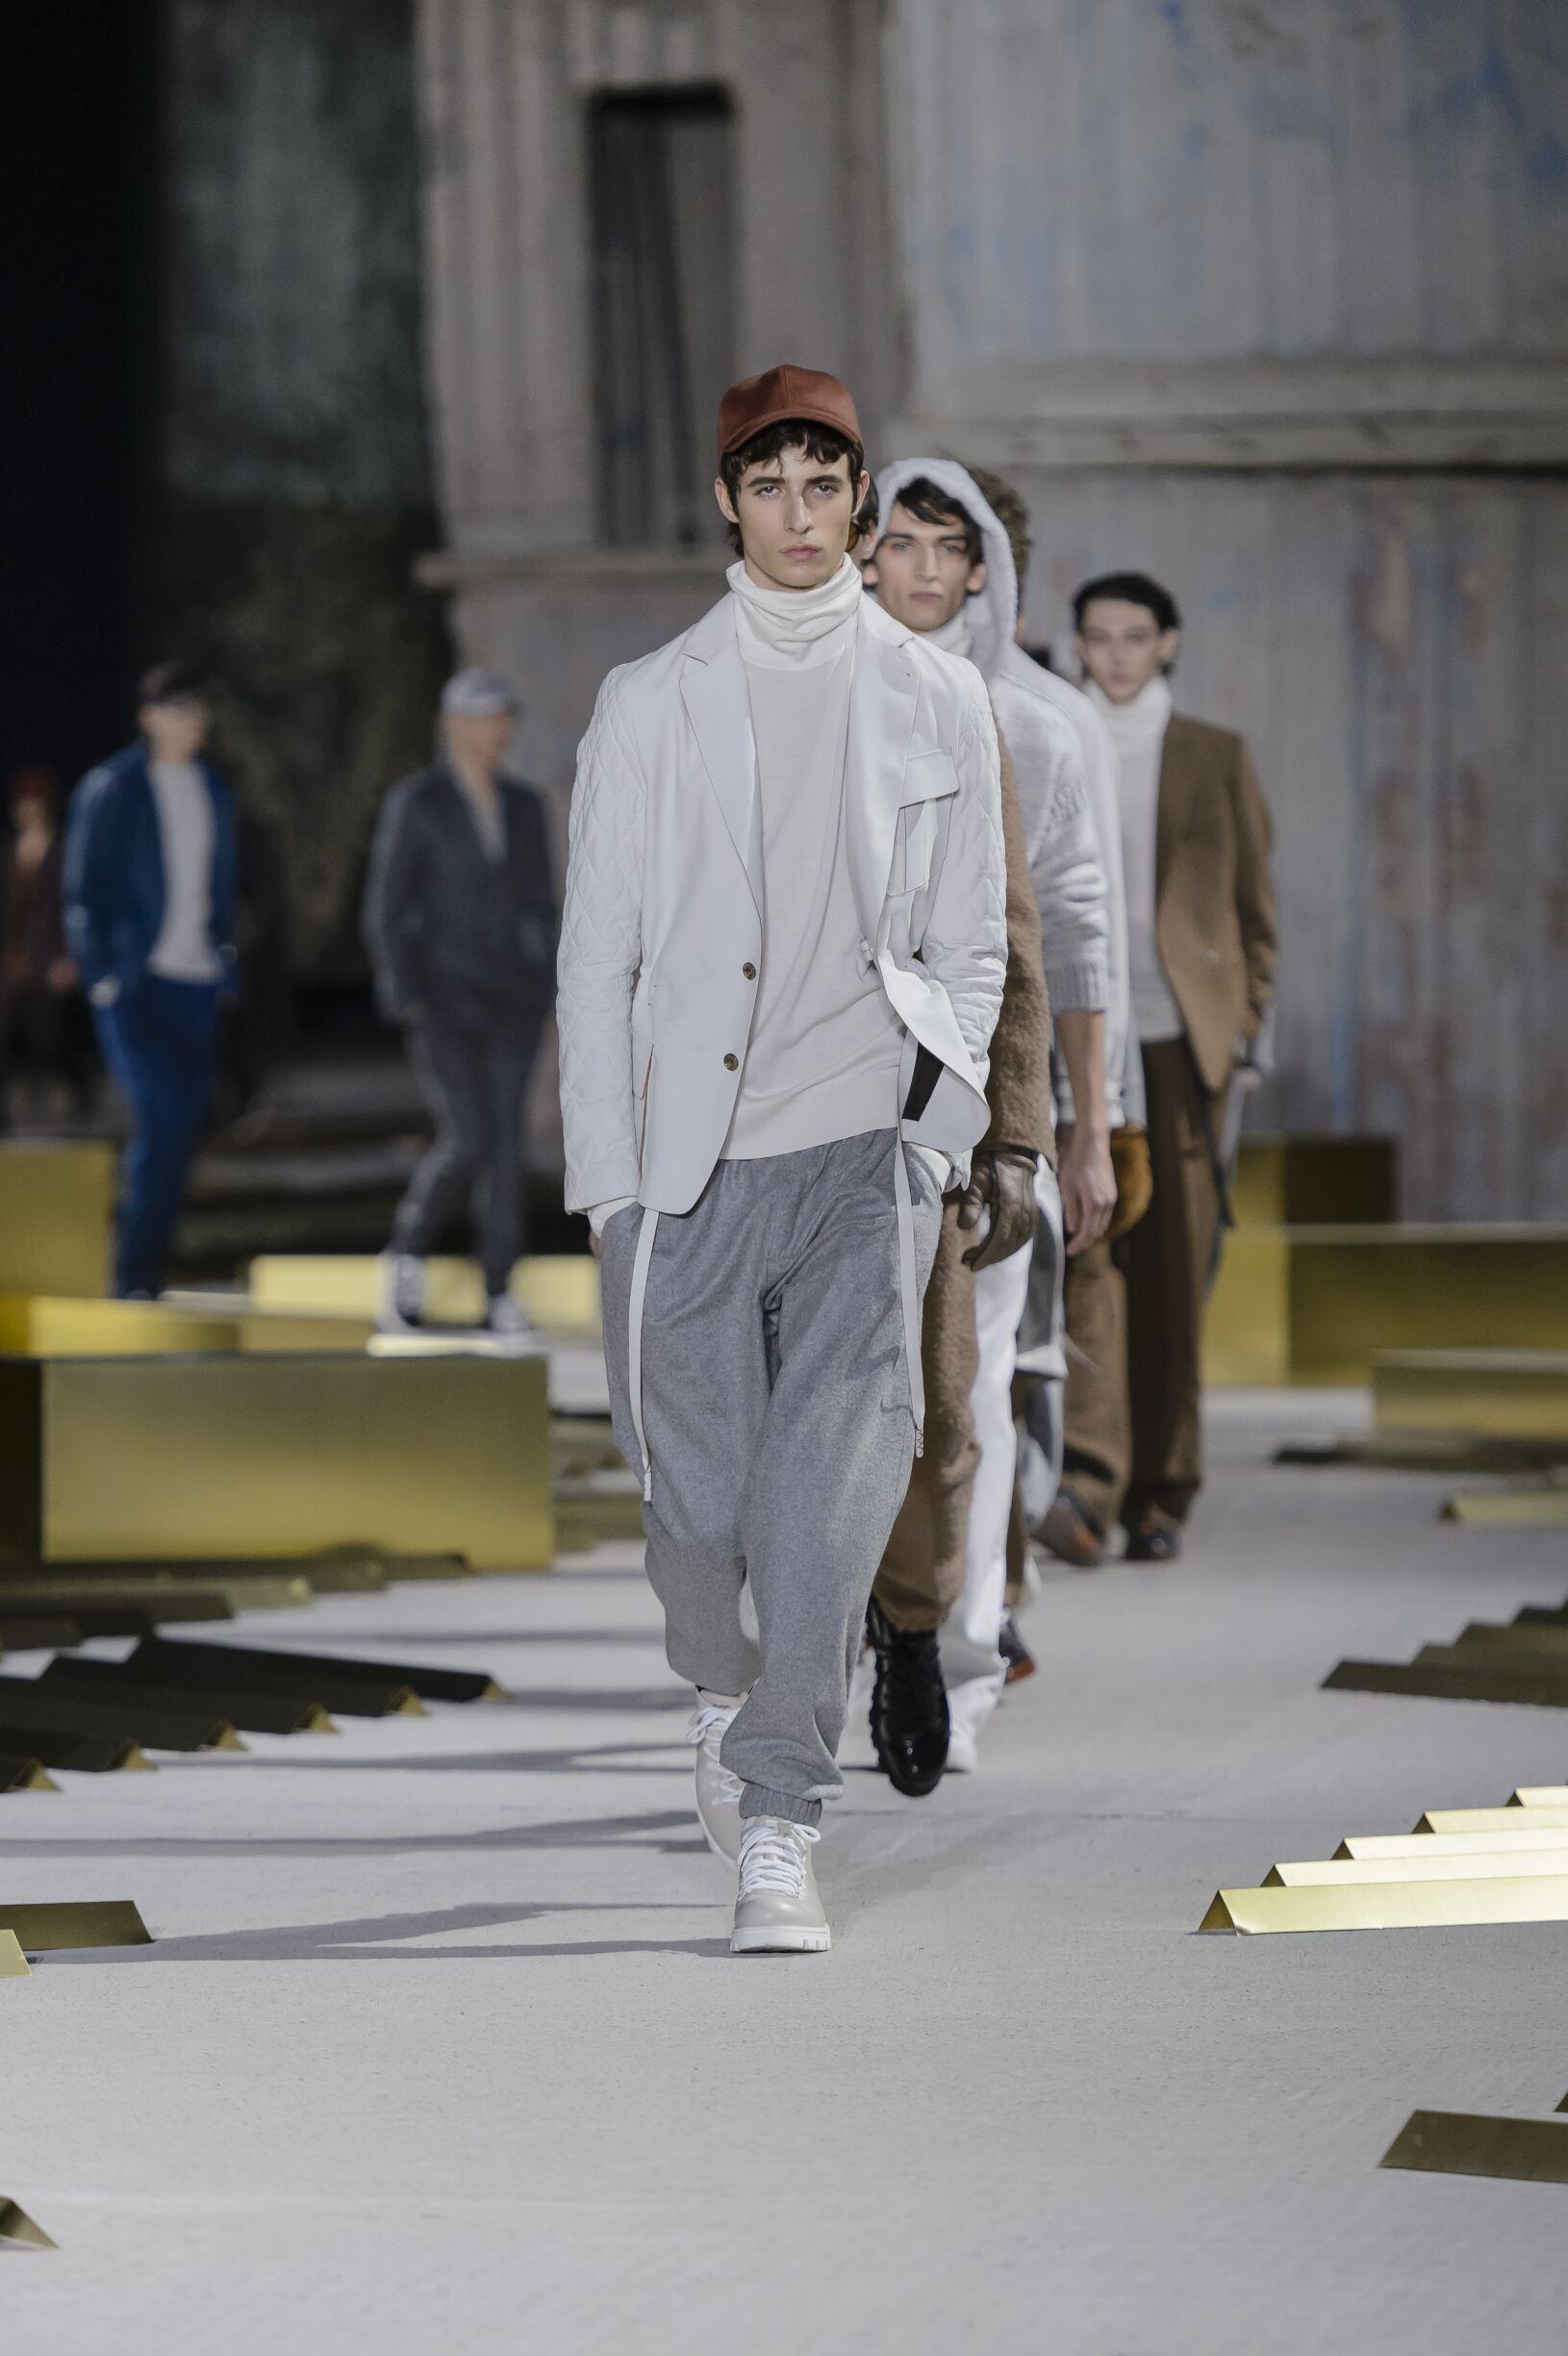 Fashion 2017 2018 Man Style Ermenegildo Zegna